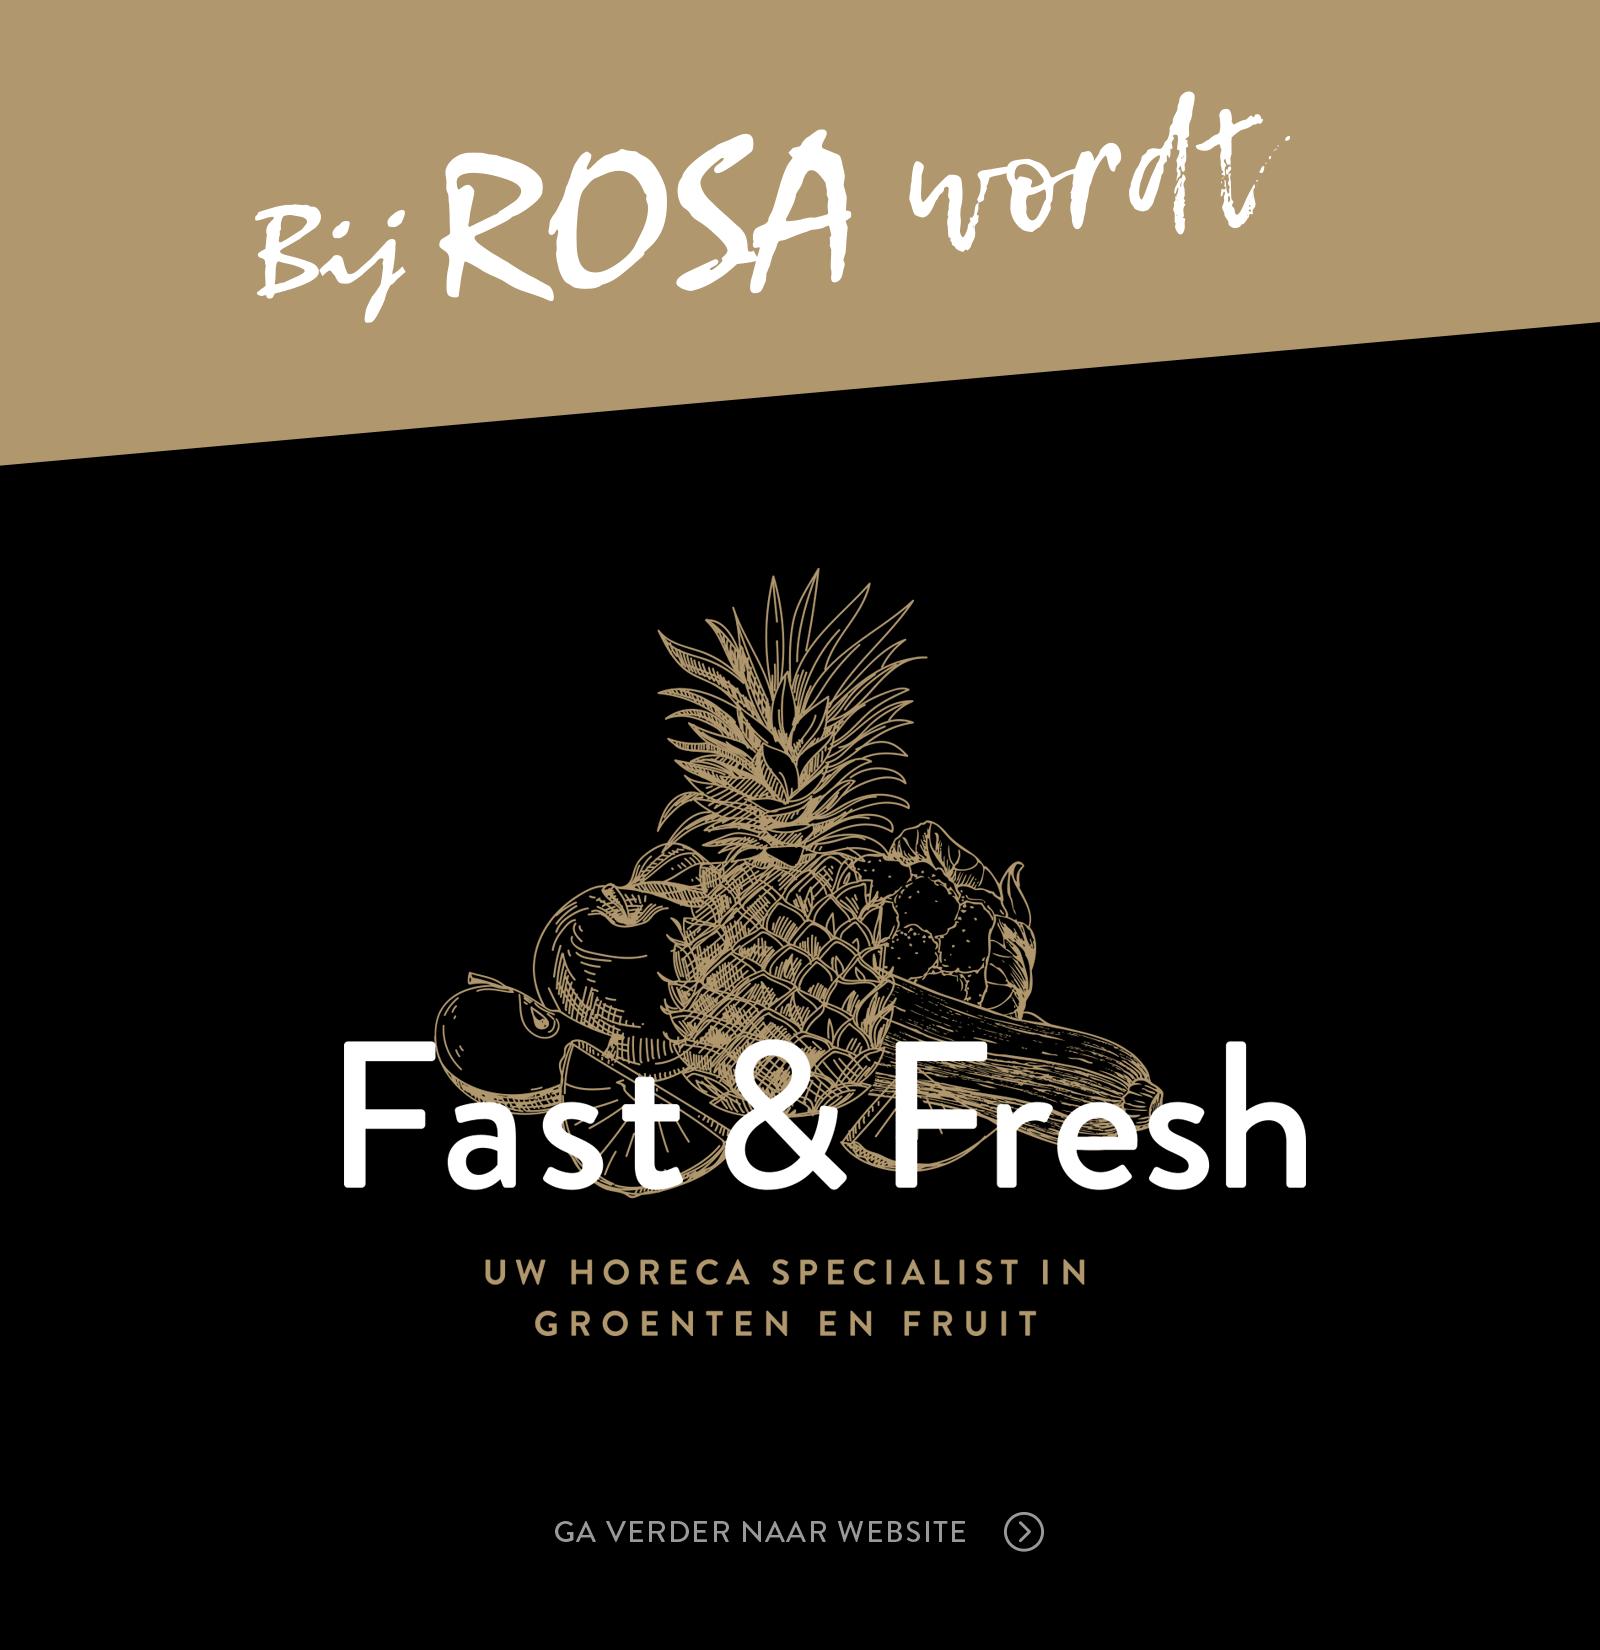 Fast&Fresh